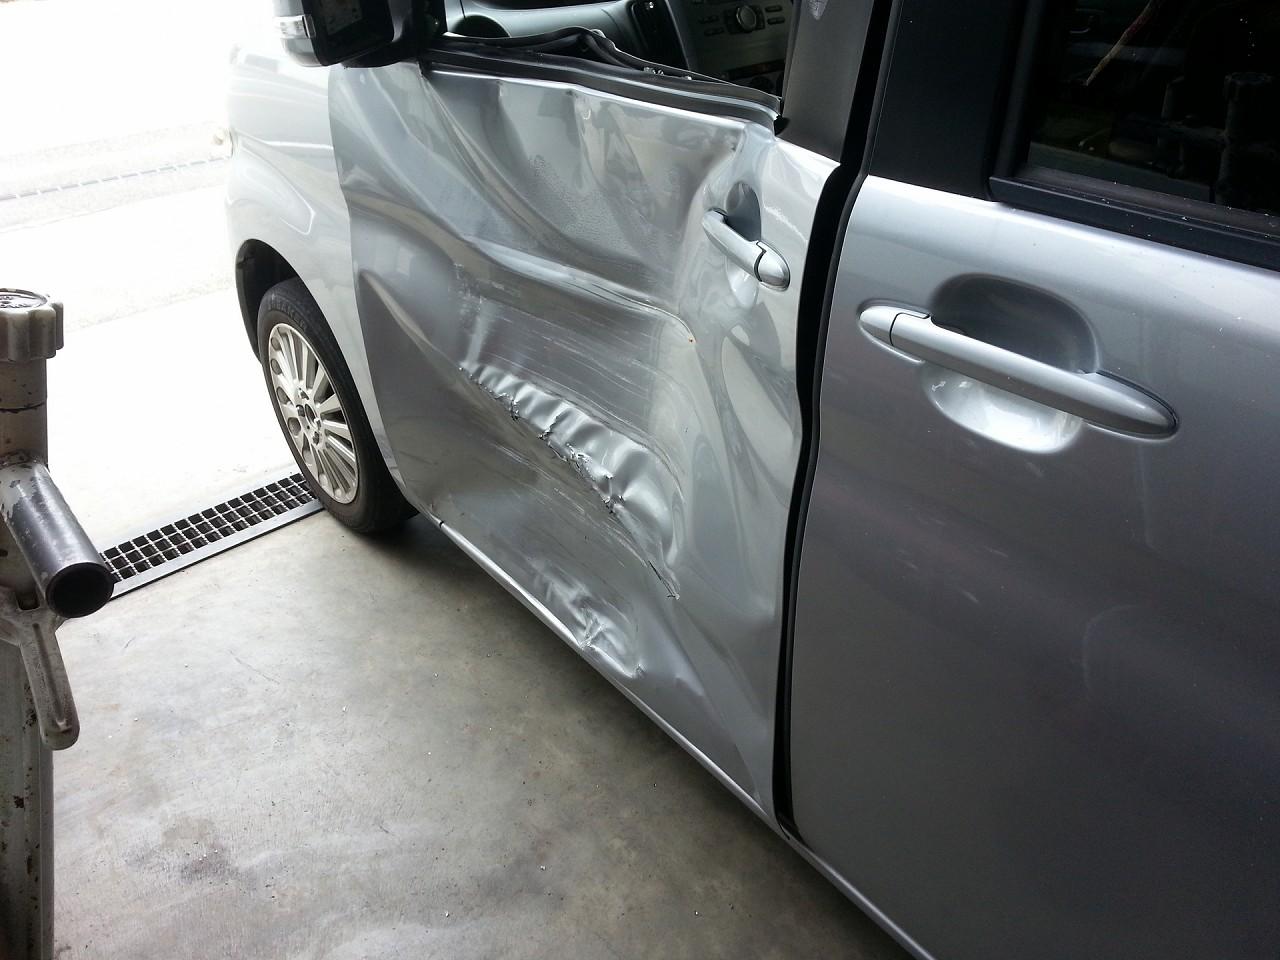 ドアパネルの事故